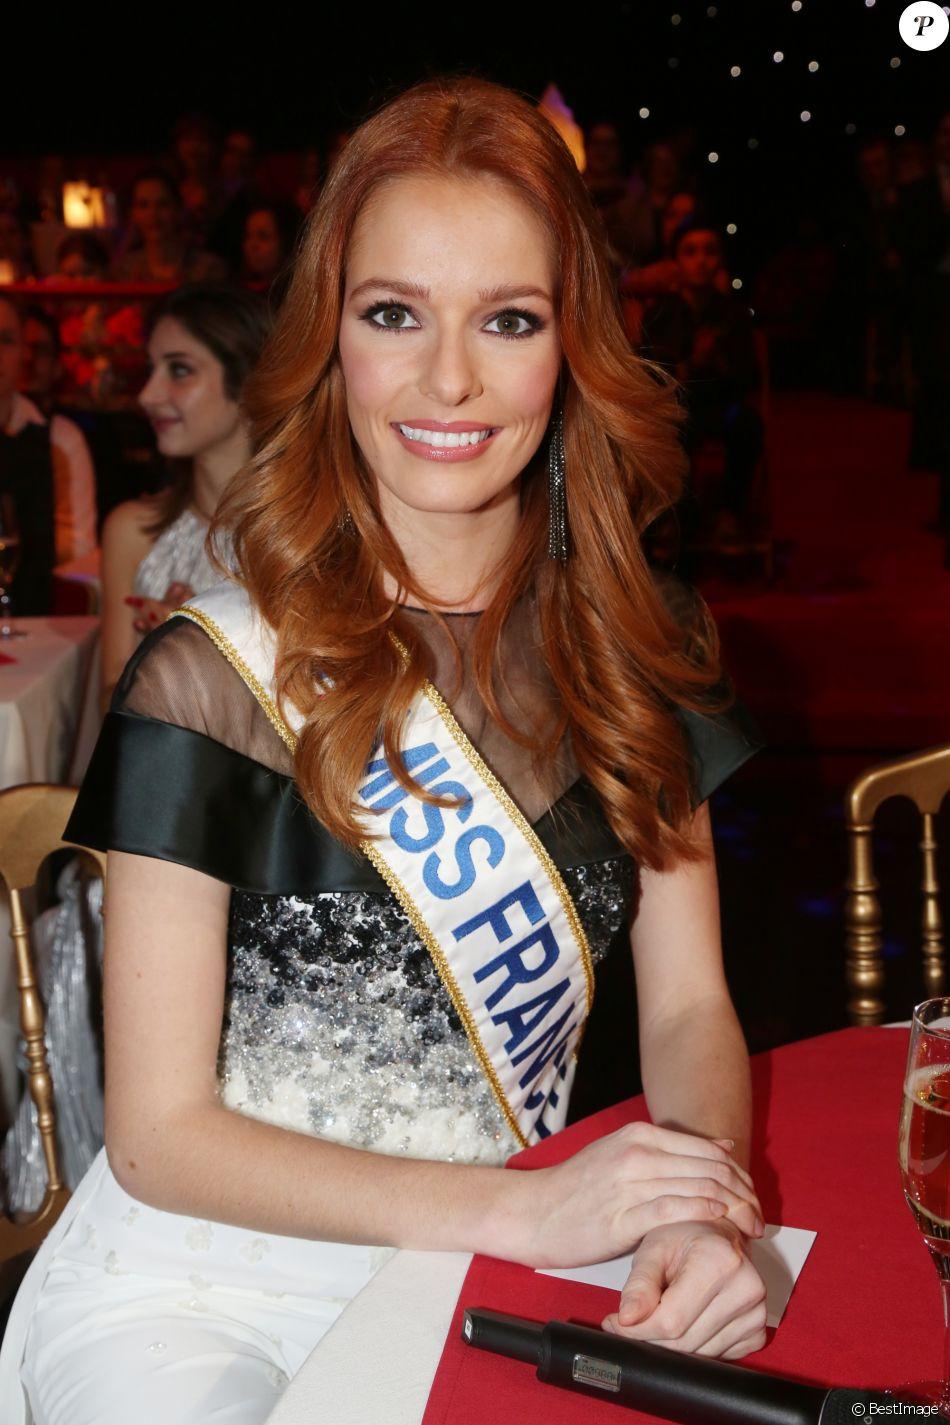 Exclusif Maeva Coucke Miss France 2018 Enregistrement De L